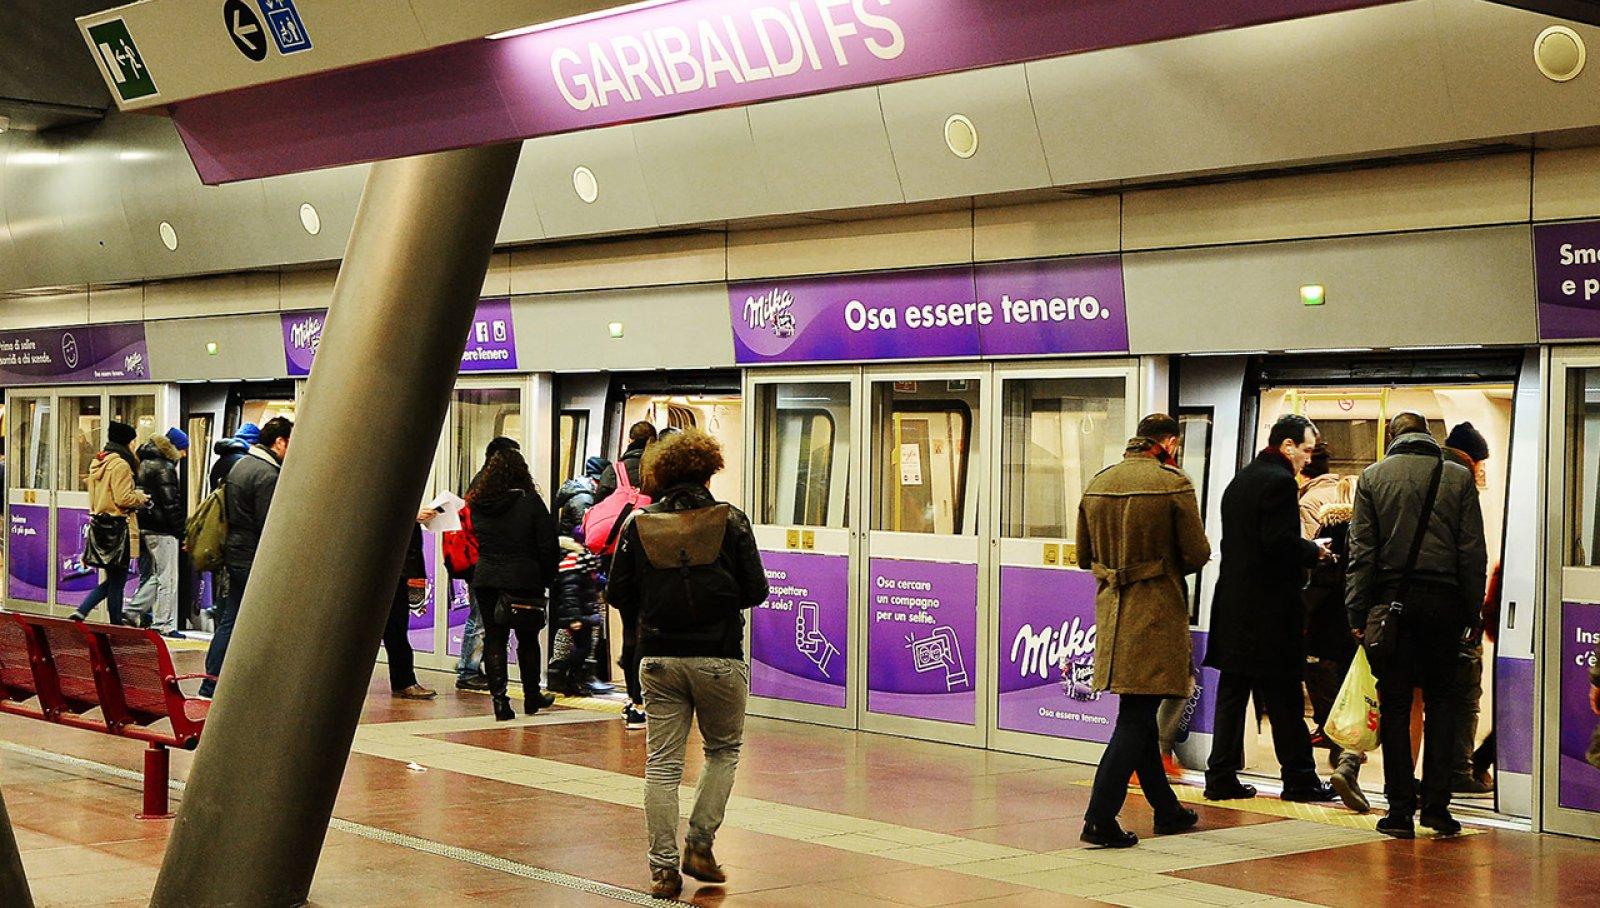 Pubblicità in metropolitana a Milano station domination IGPDecaux per Milka